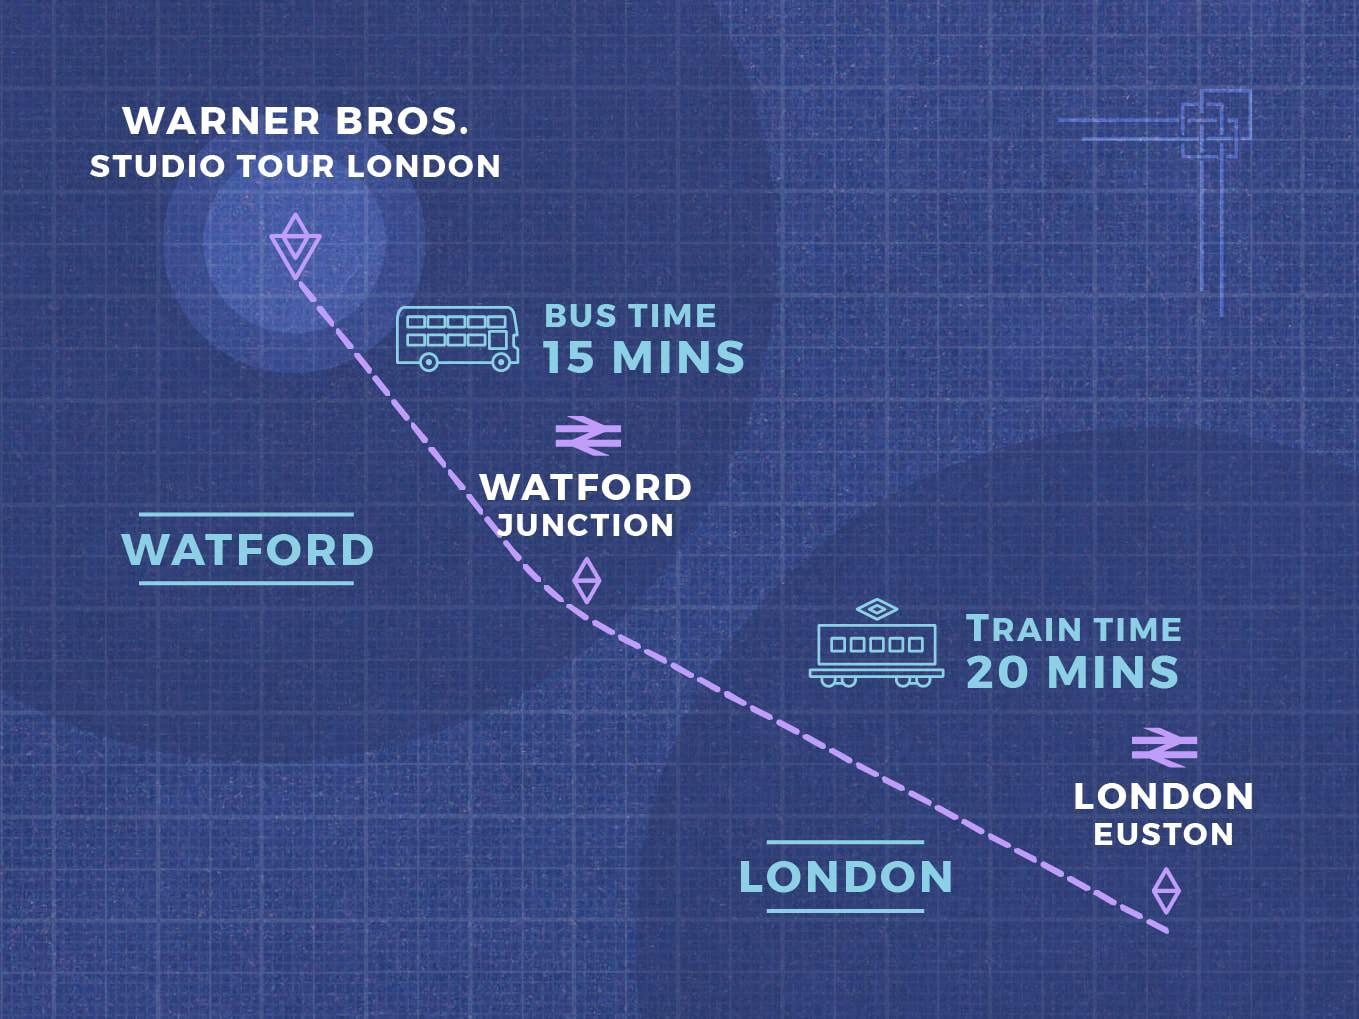 哈利波特影城製片場 購票和交通方式:哈利波特影城製片場和倫敦市區的相對位置